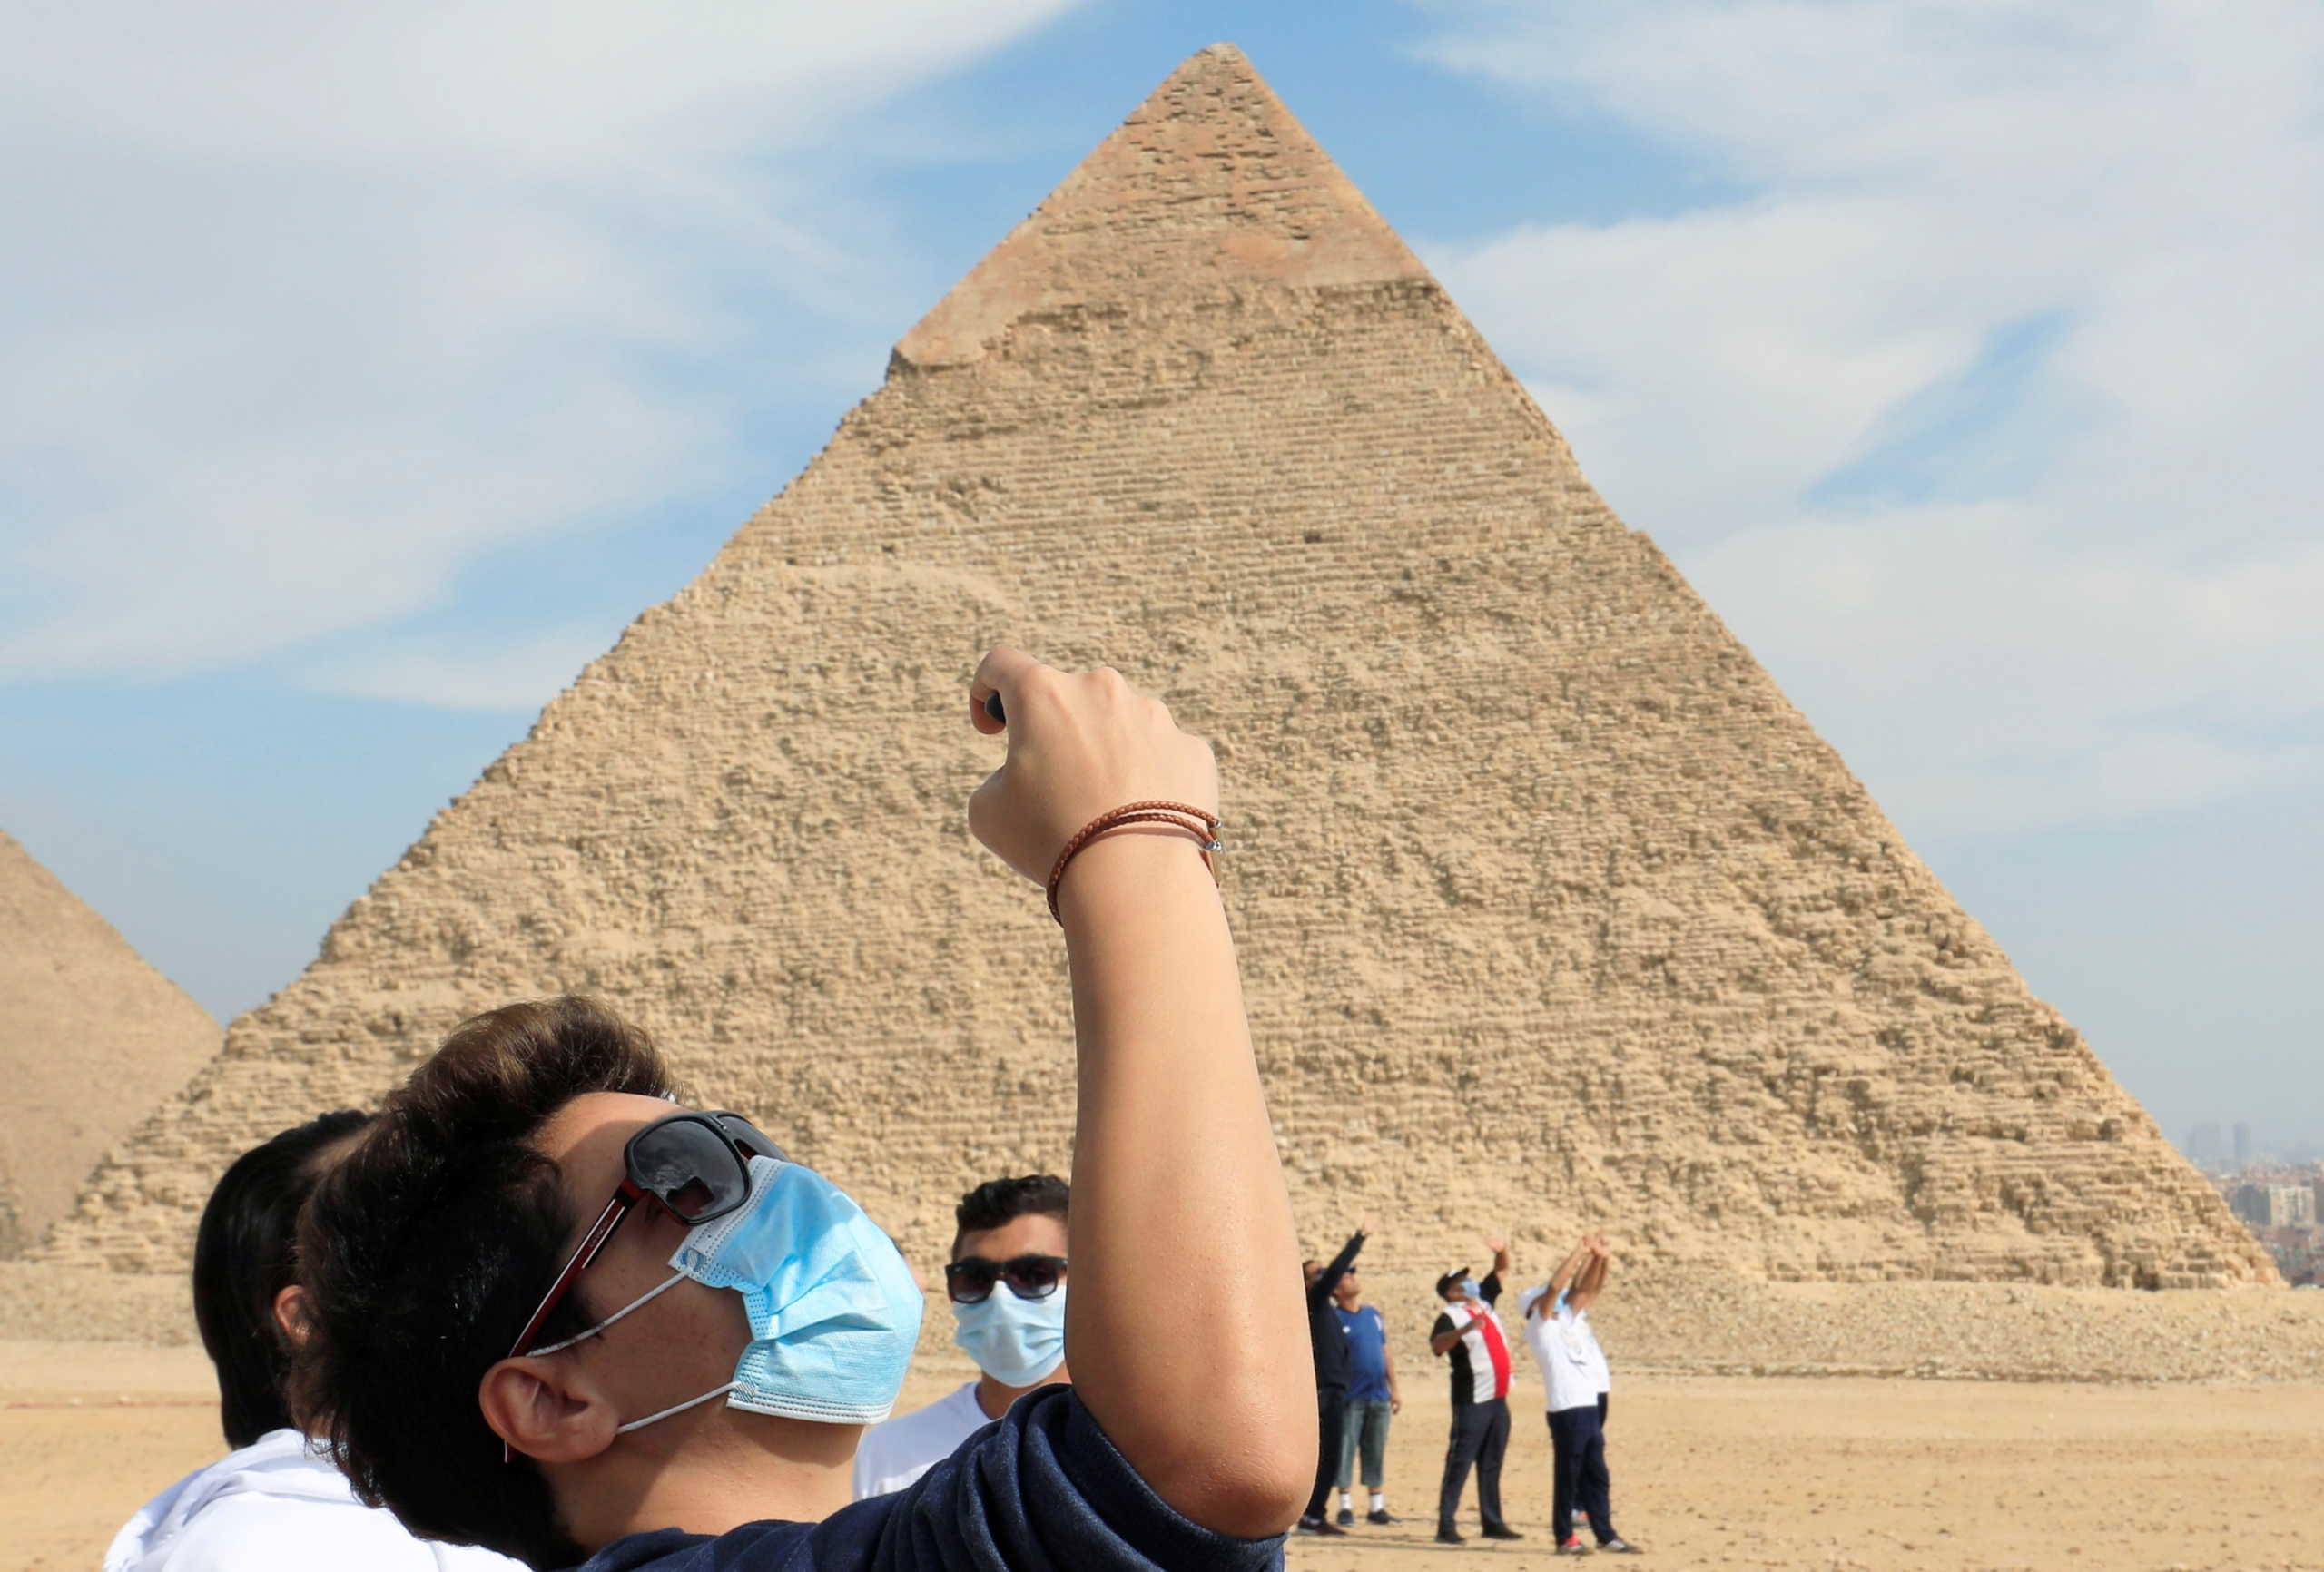 τουρίστες Αίγυπτος